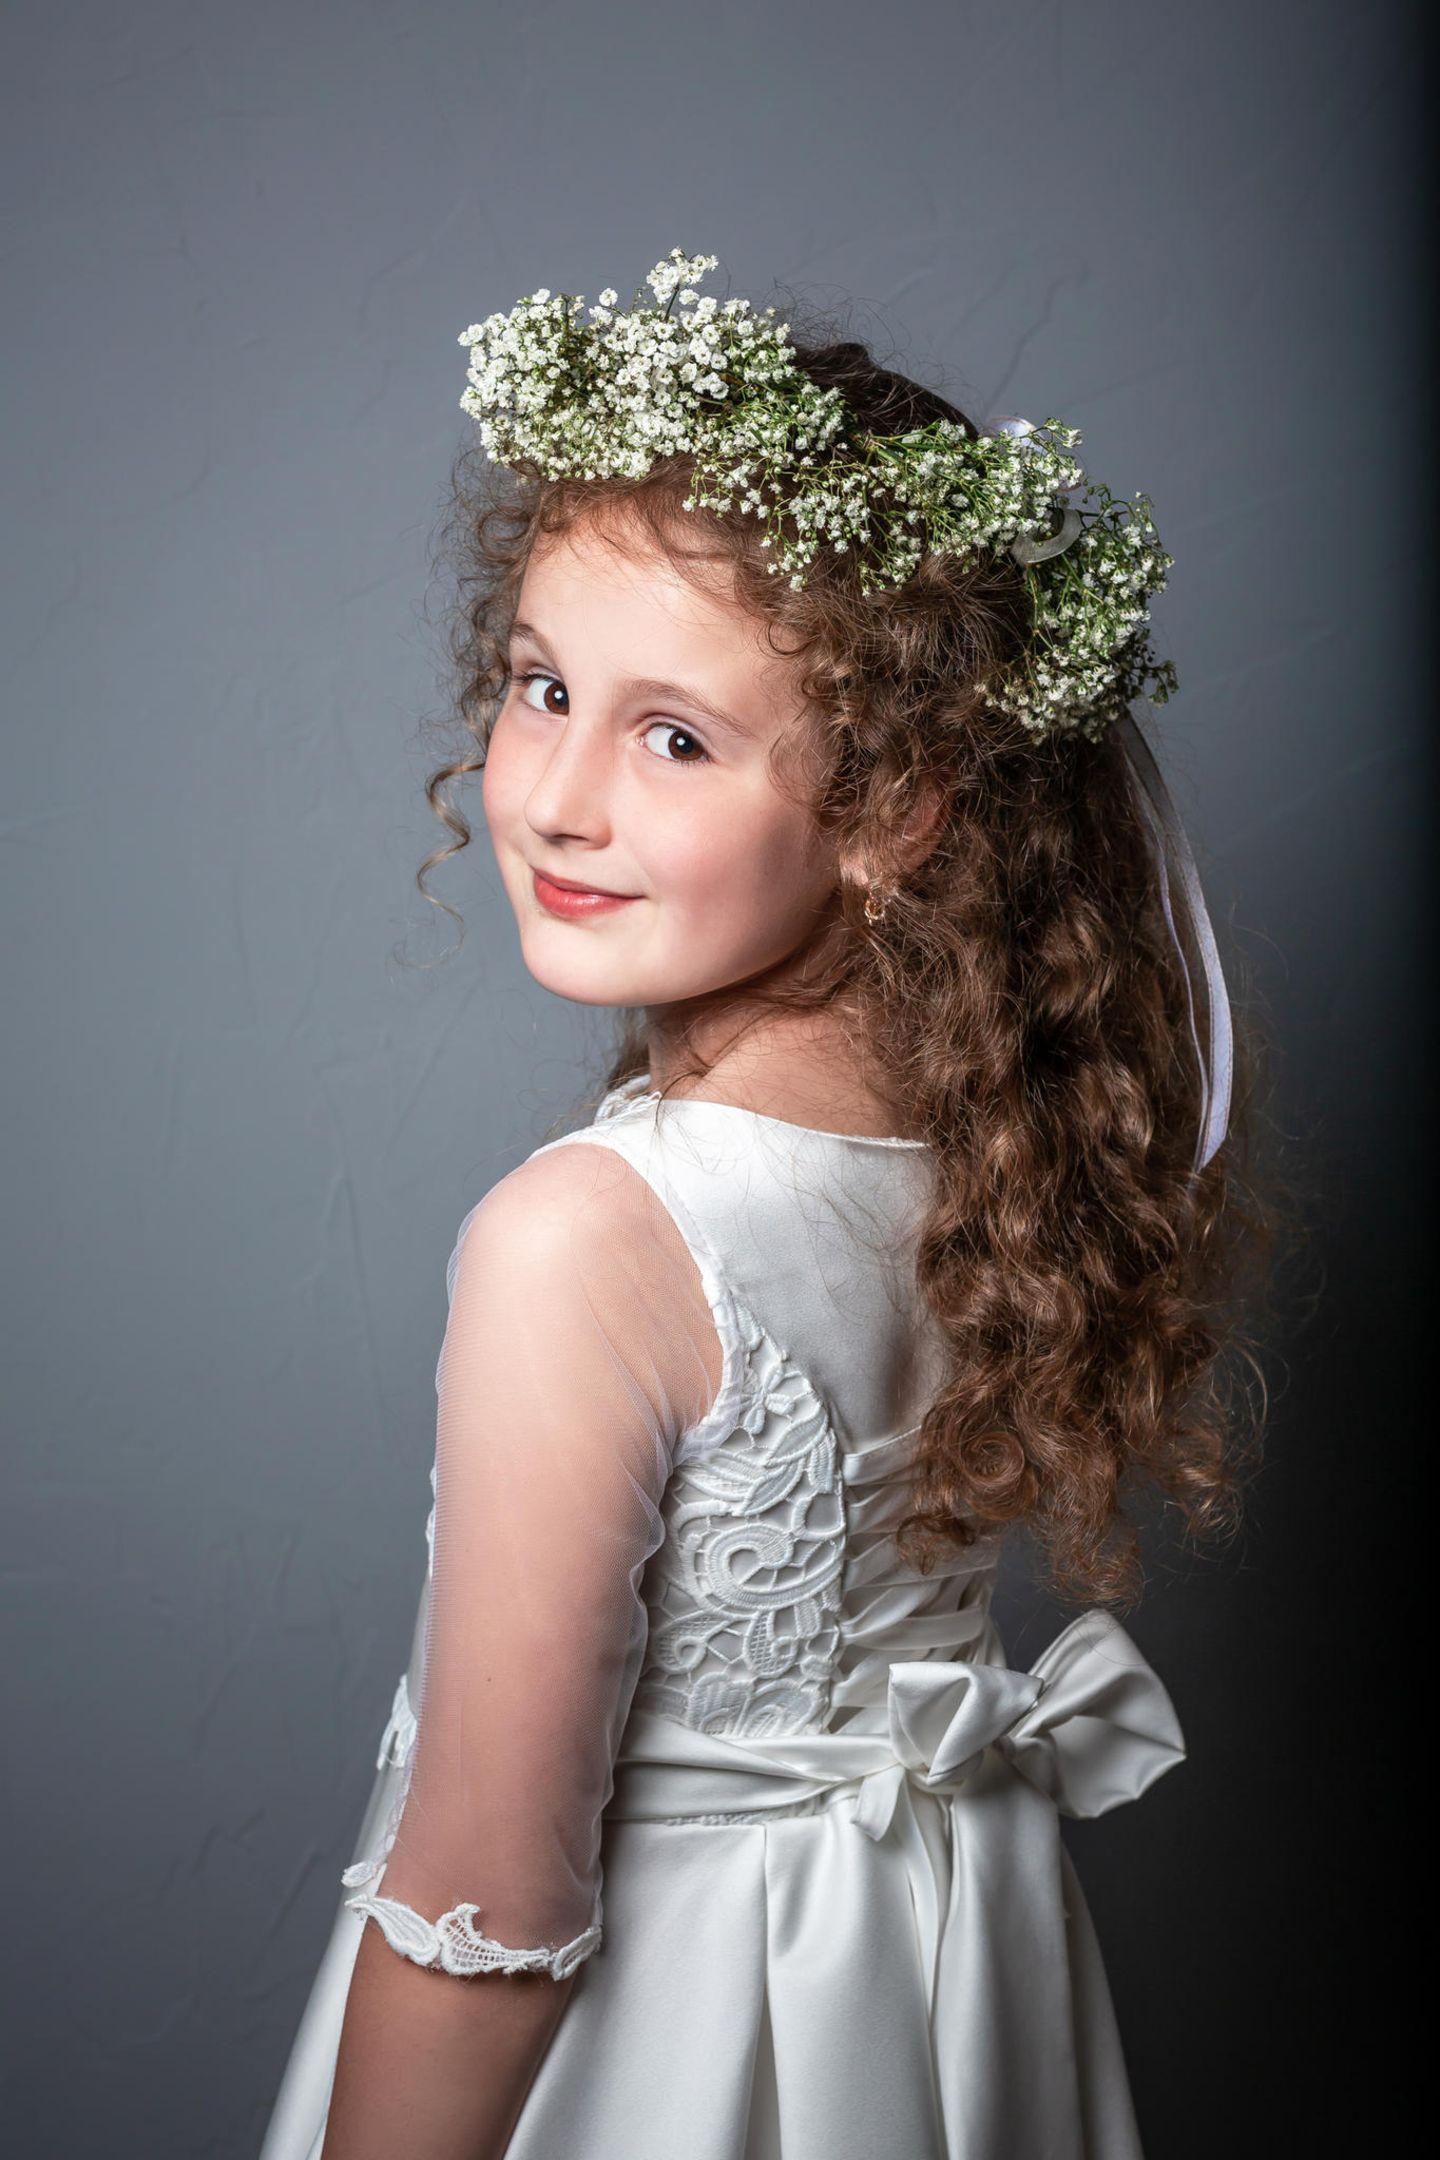 Kommunionsfrisuren: Mädchen mit Blumen im Haar